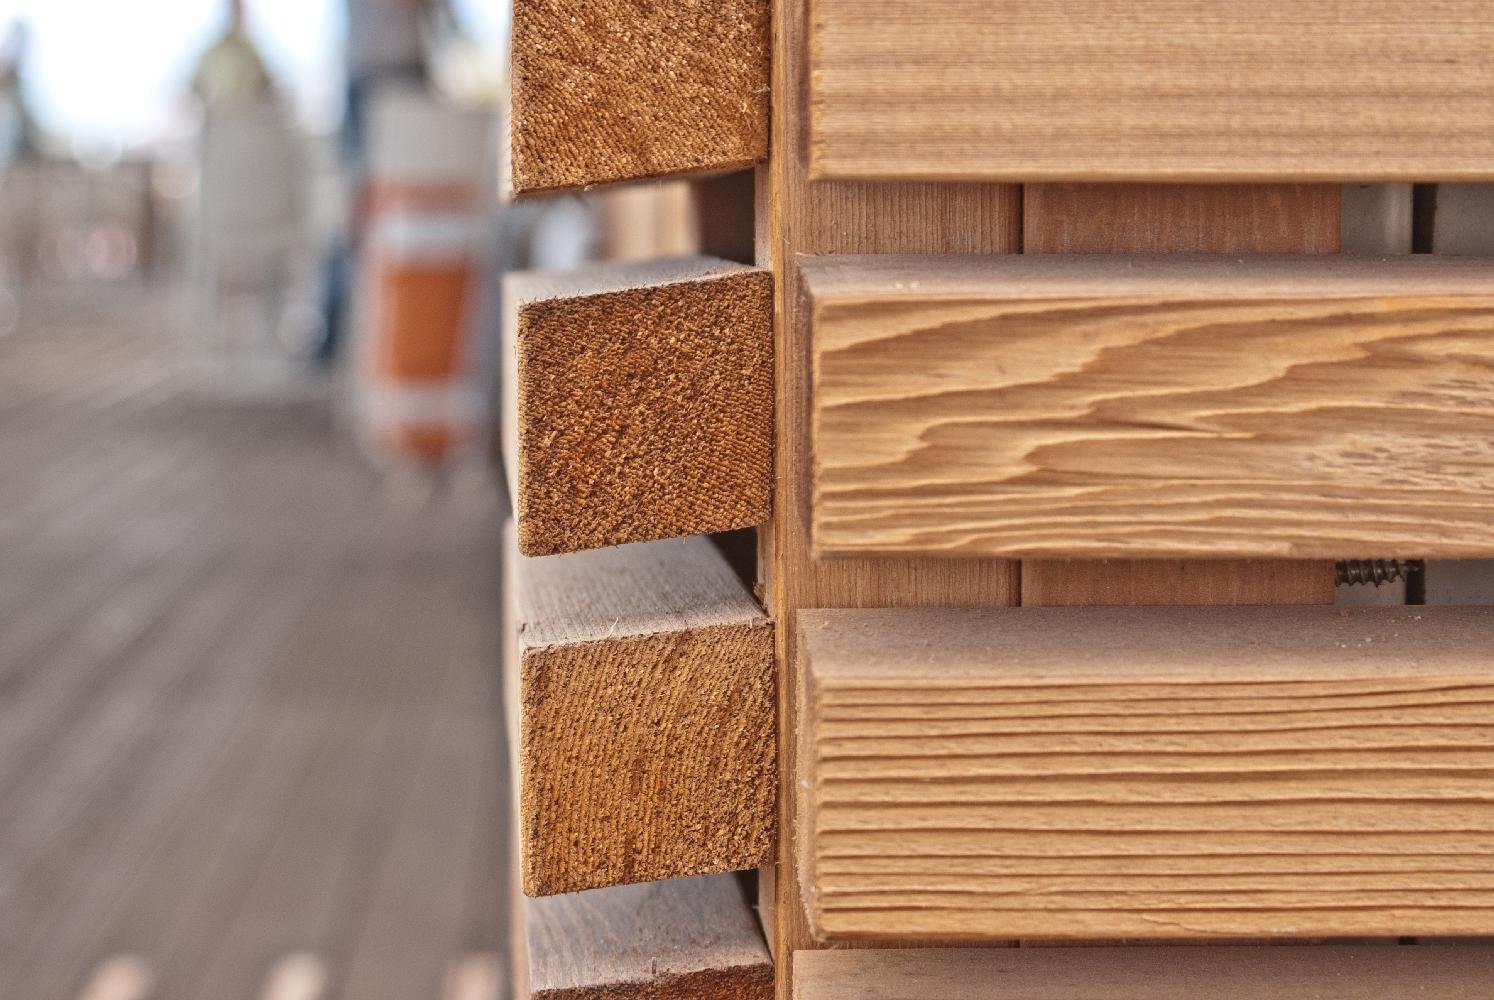 Rivestimento in legno di Cedro Rosso Canadese - Cannes (Francia)  Jove Spa